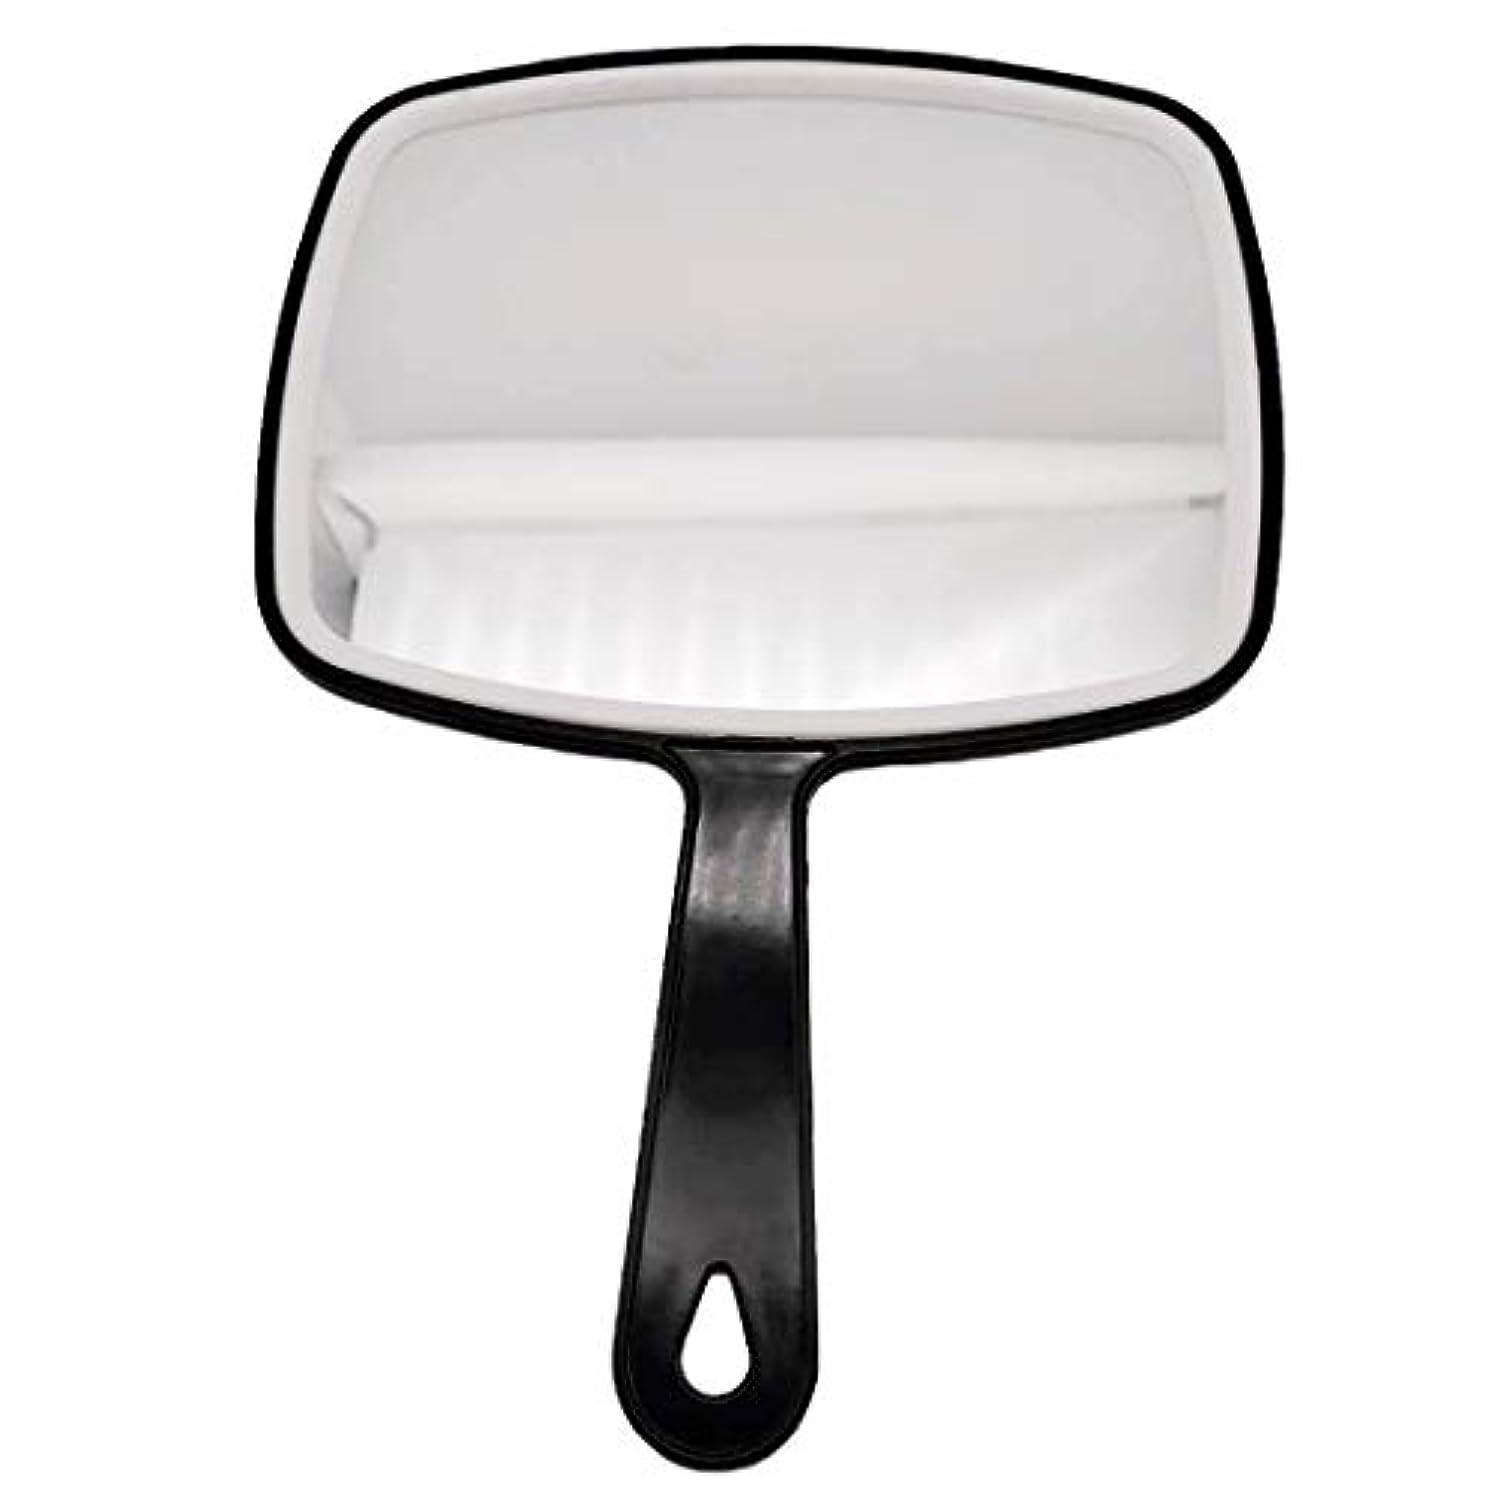 理髪ハンドミラー、ABSフレームメイクアップミラー、バスルームとベッドルーム用ミラー、床屋ヘアカットミラー (黒-1個)